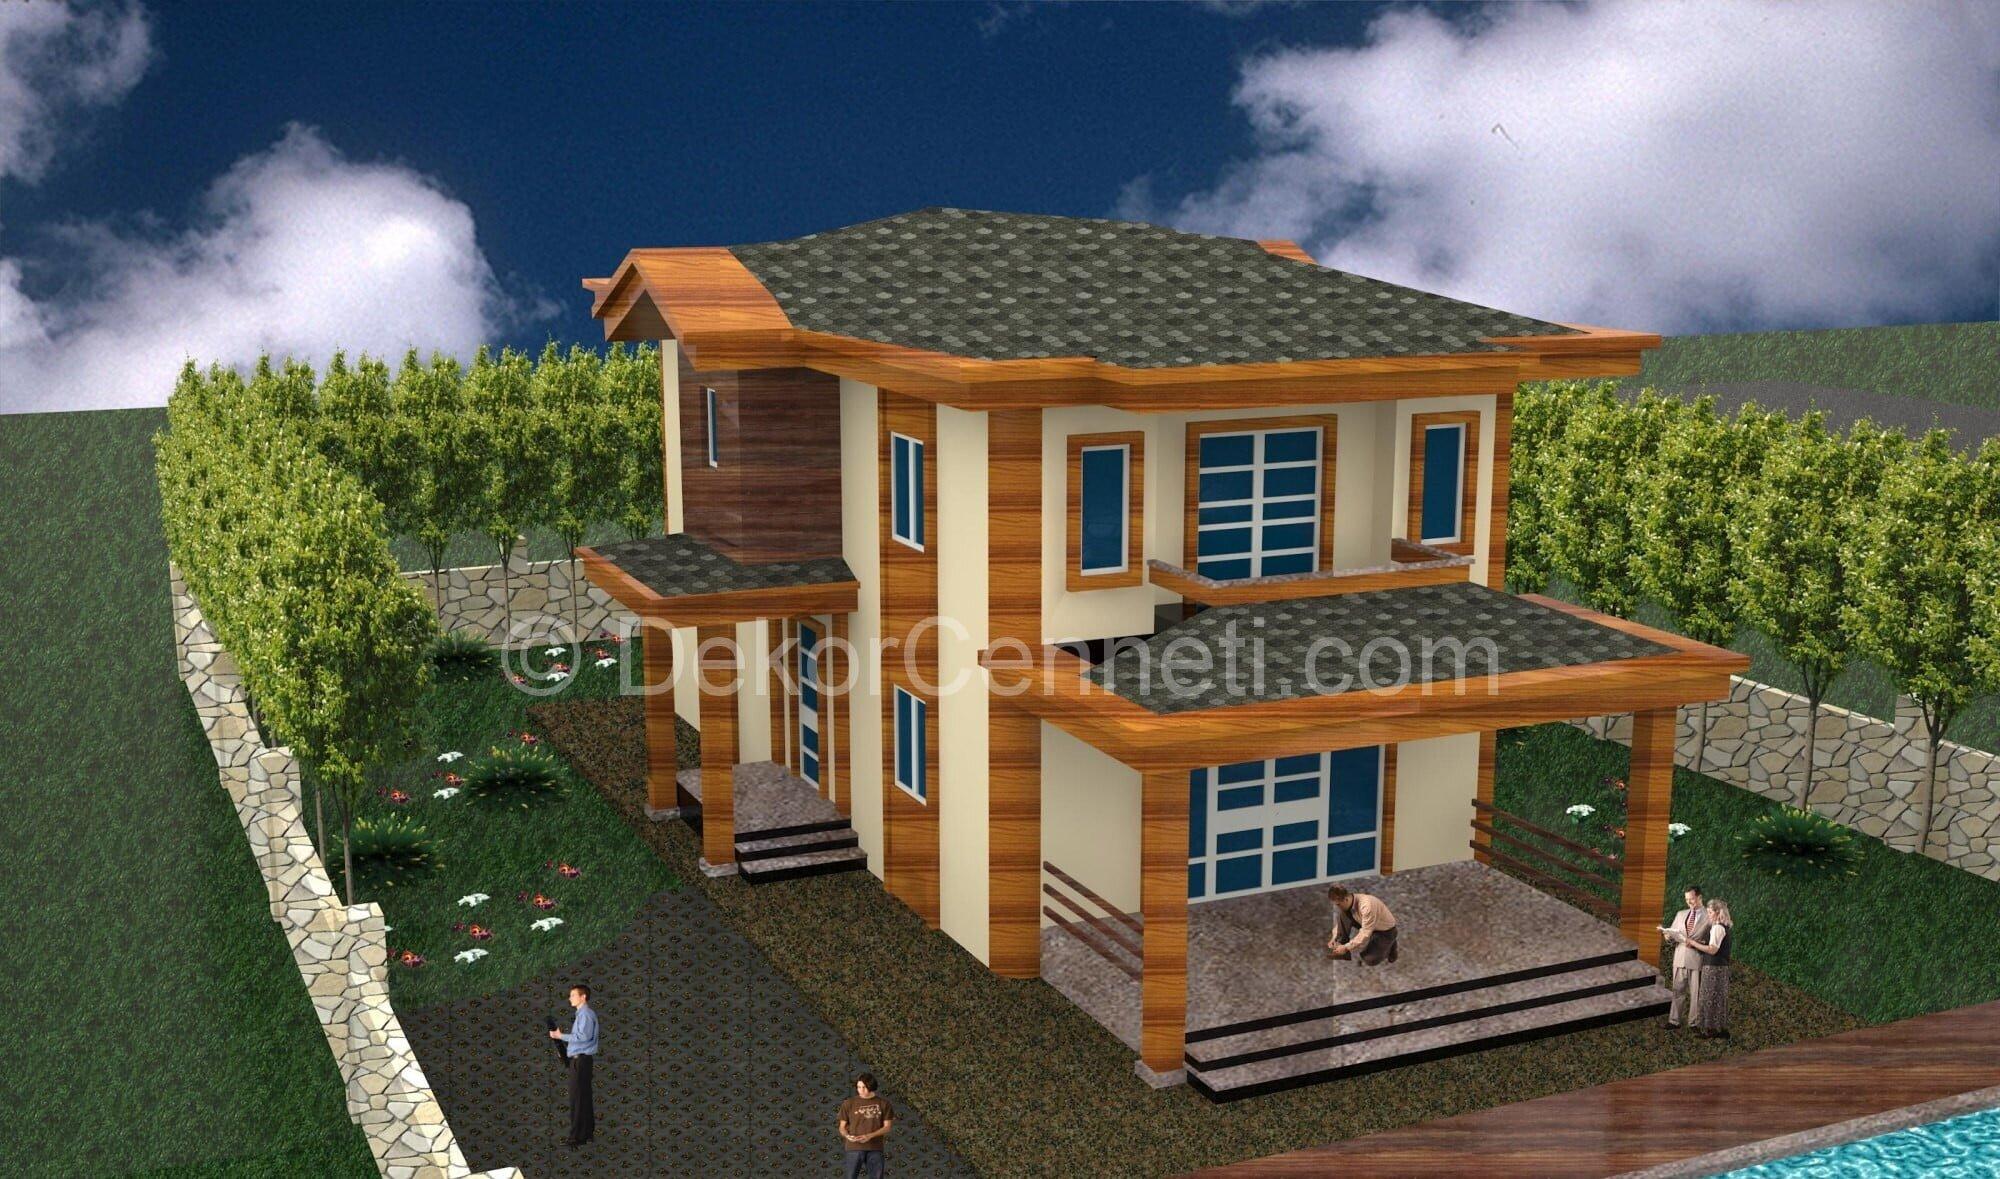 En Yeni villa mimari proje dwg Fotoğrafları